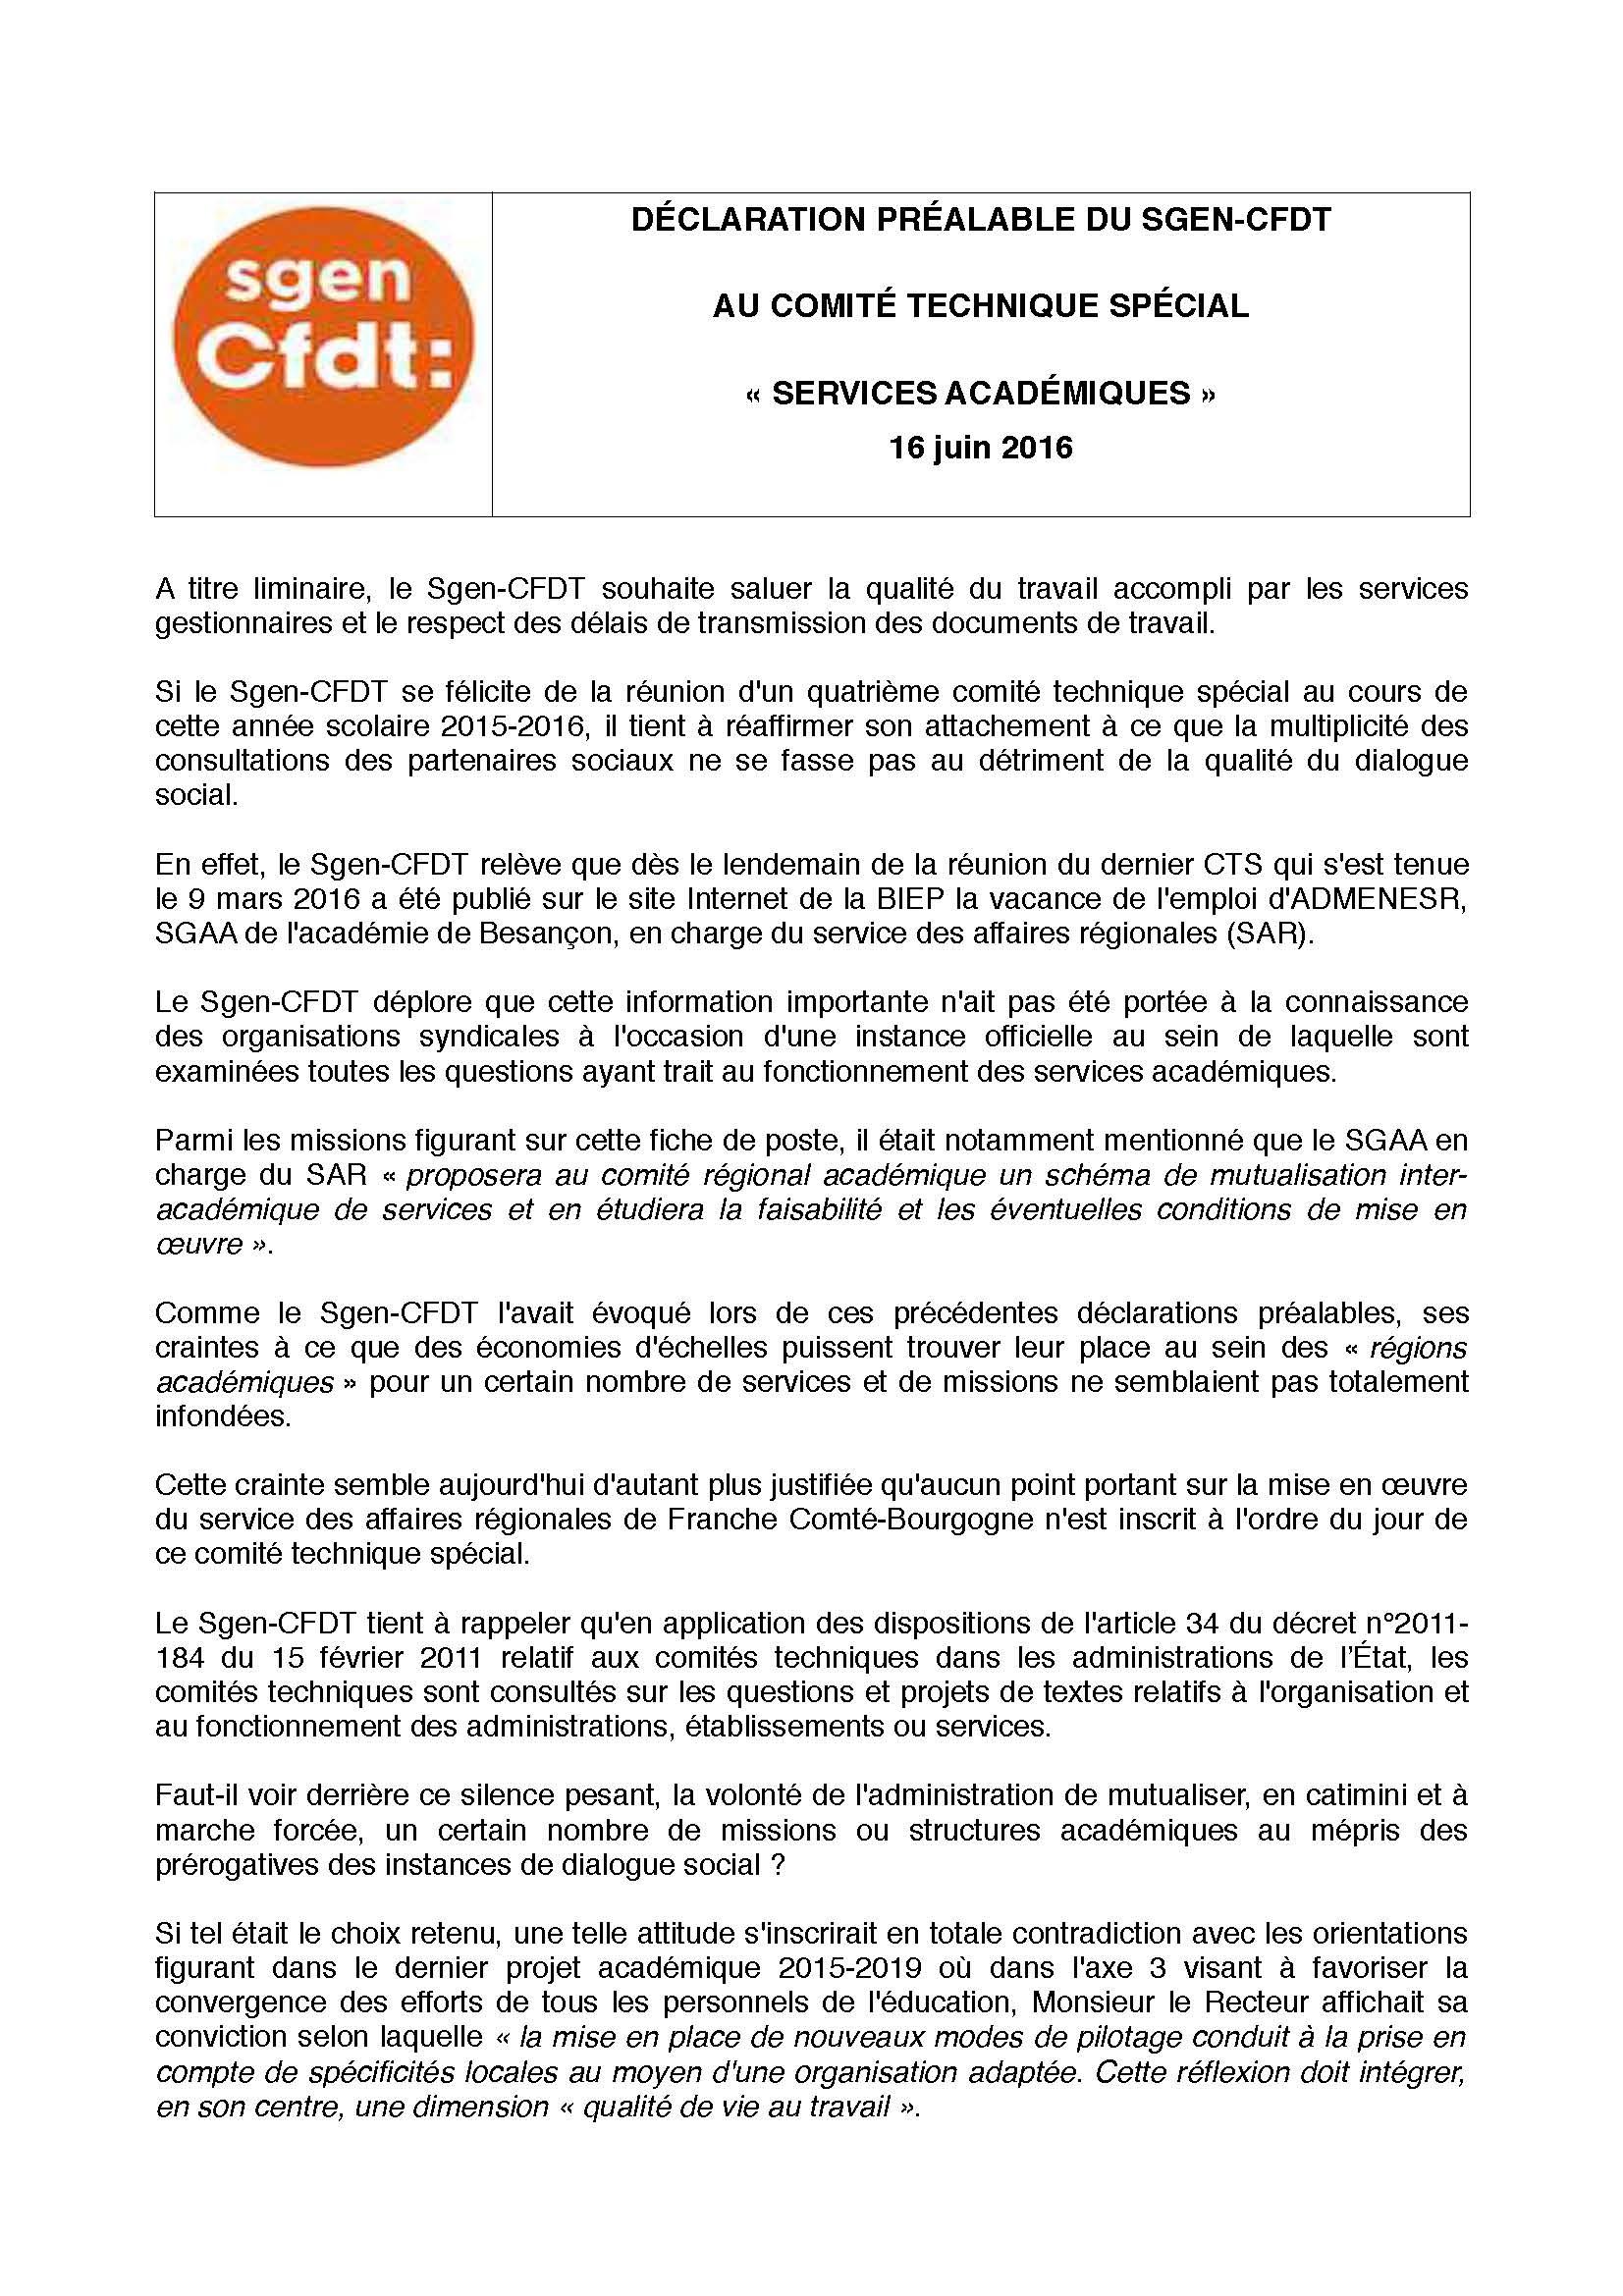 Compte Rendu Cts 16 Juin 2016 Academie Besacon Sgen Cfdt Franche Comte